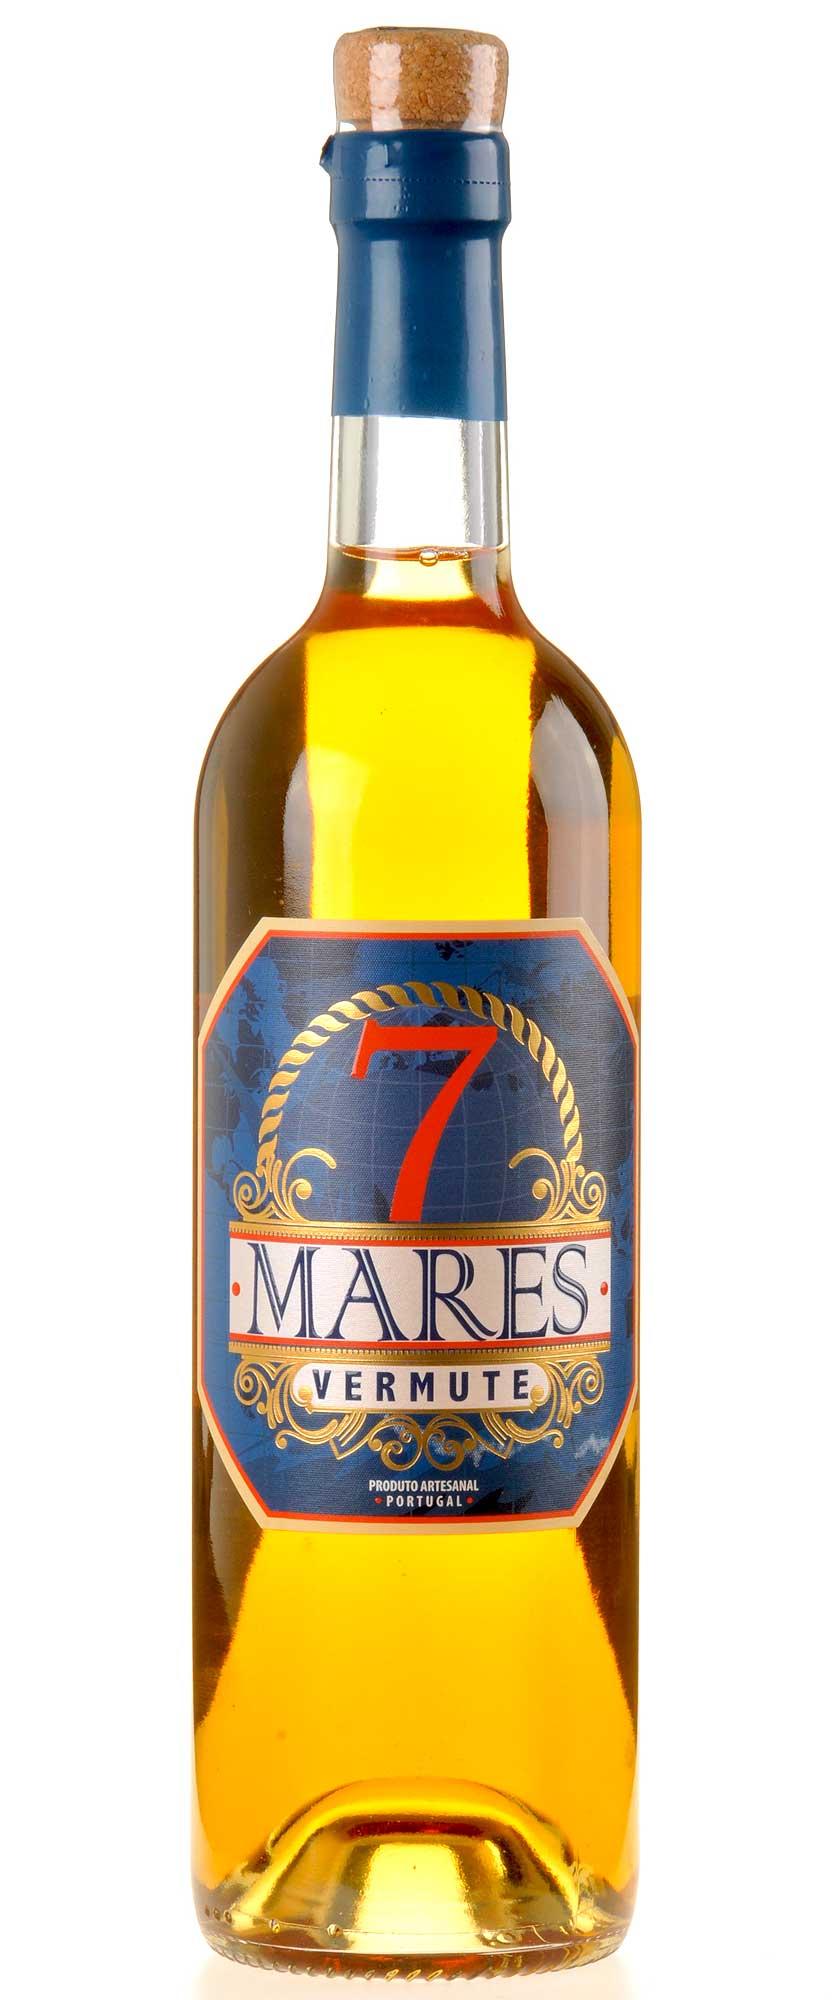 Vermute 7 Mares Conceito Vinhos